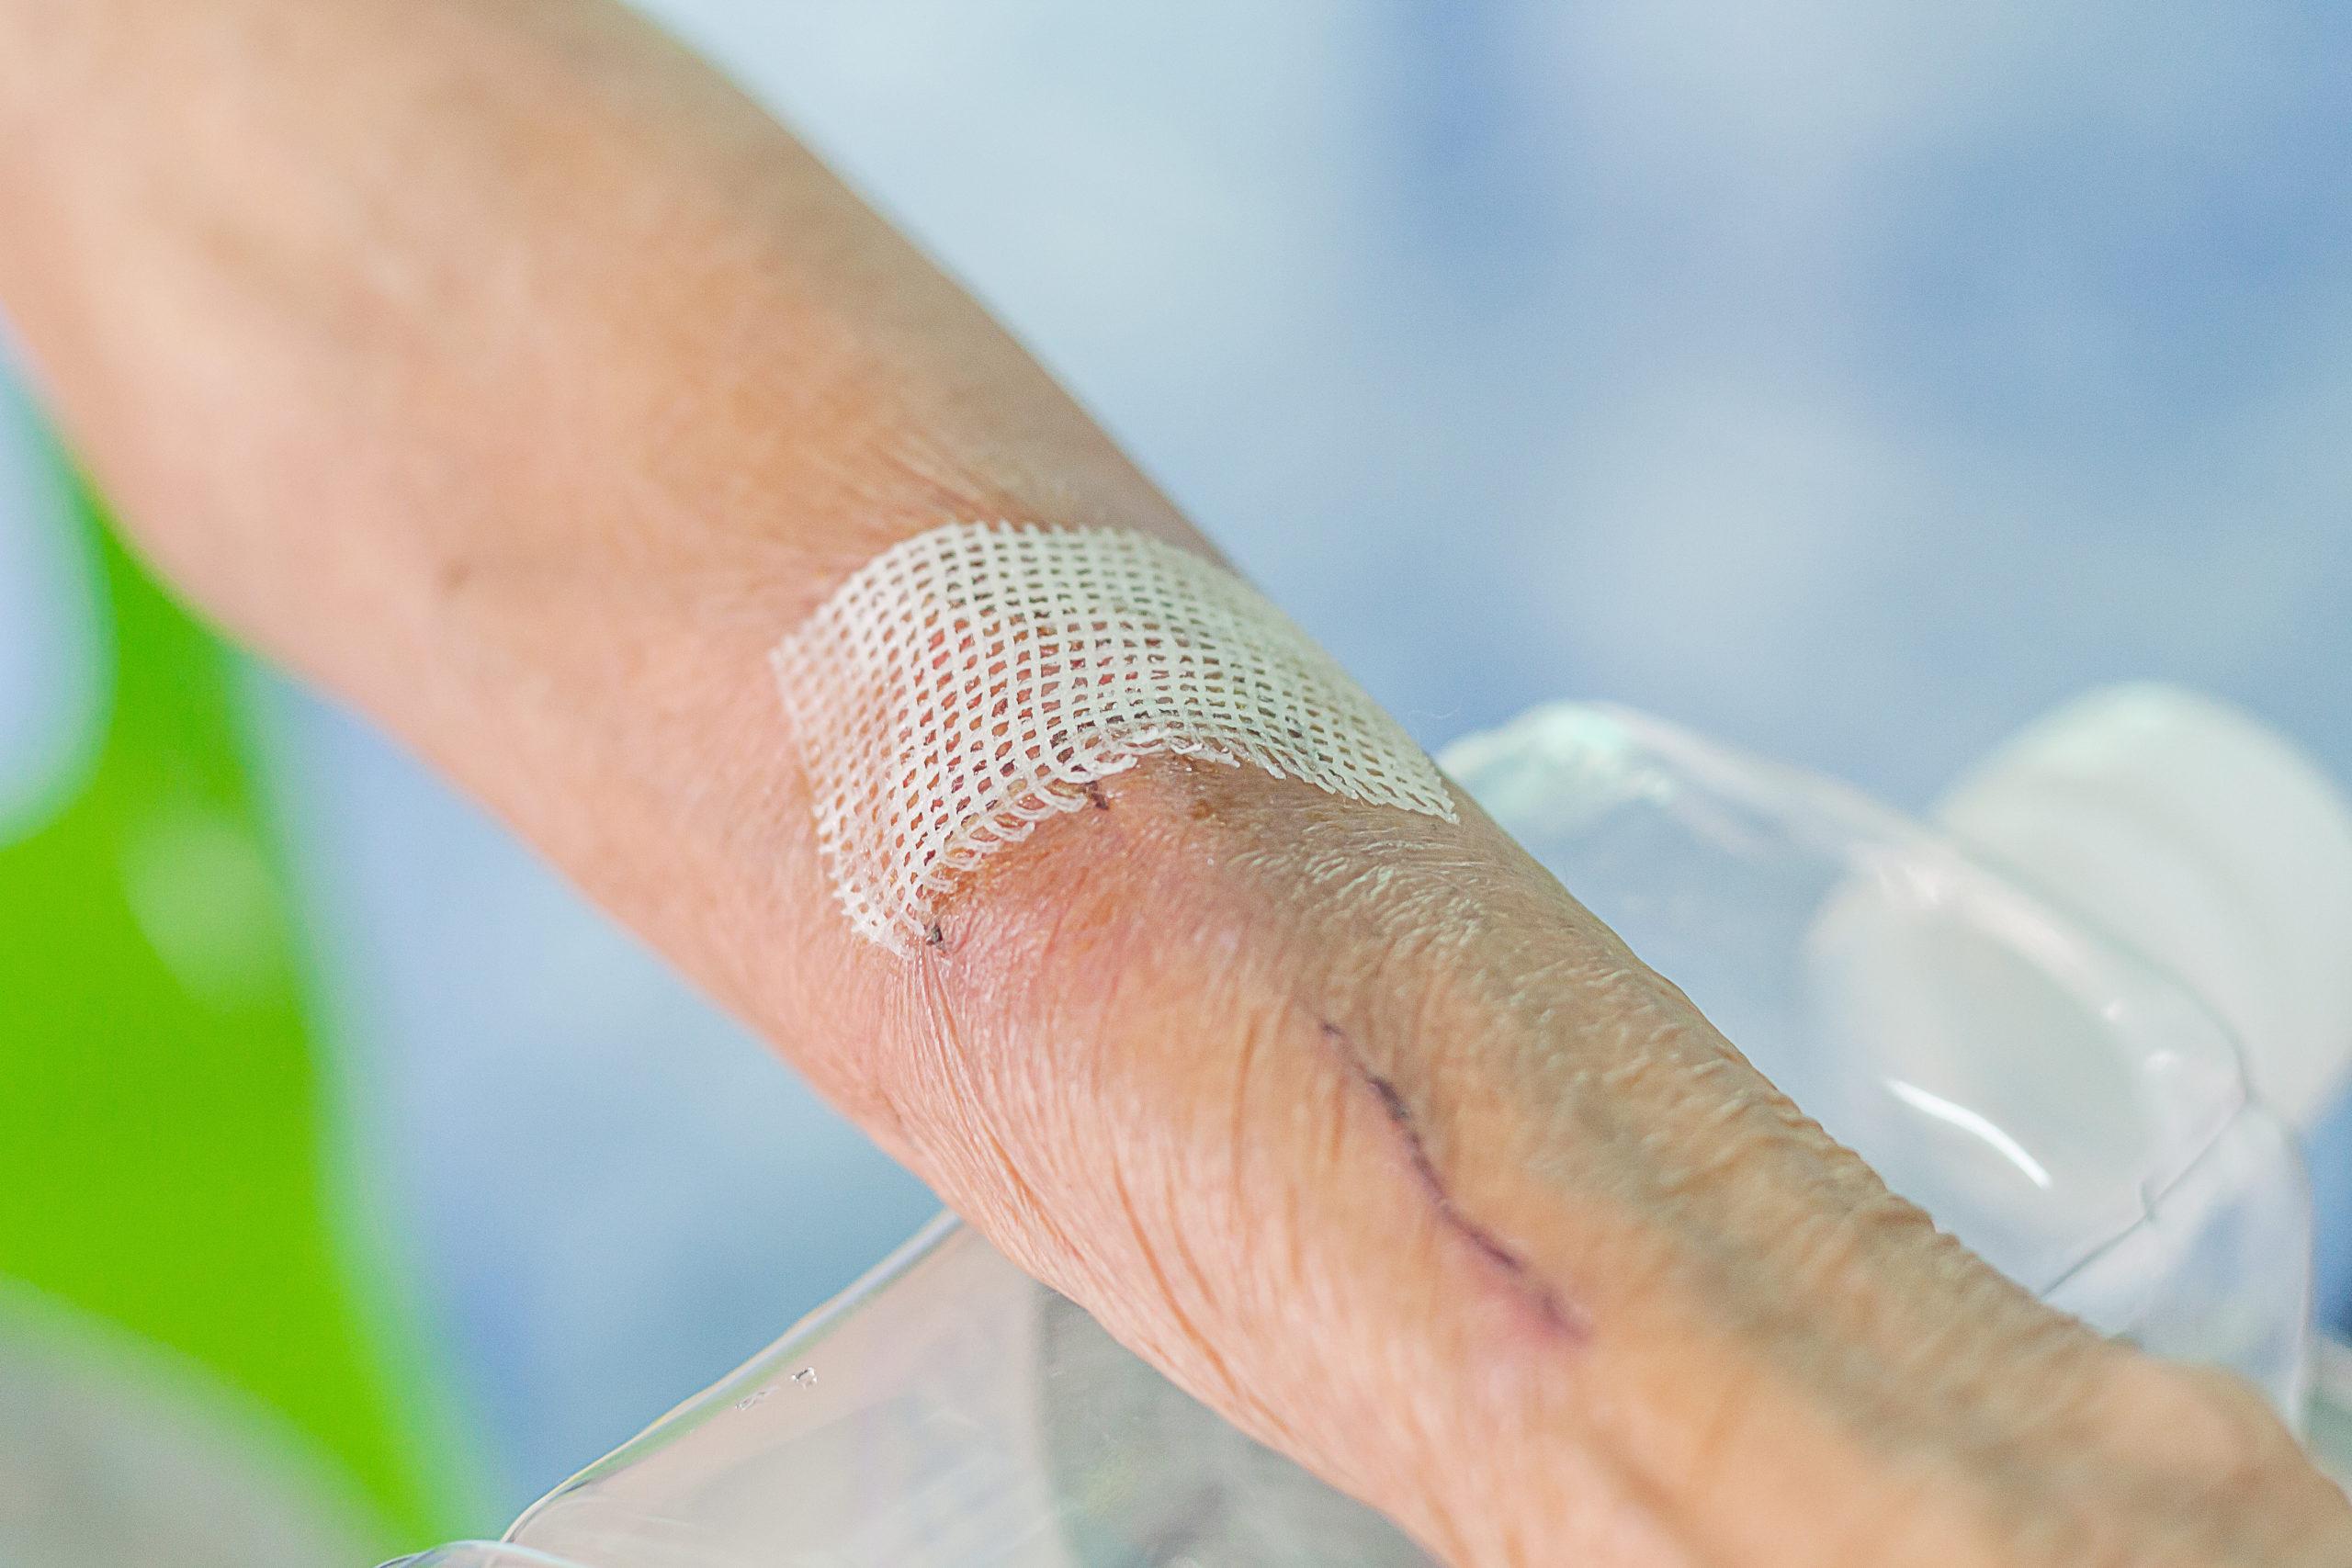 Badania pokazały, że tkanka tłuszczowa śródskórna u seniorów pozytywnie wpływa na proces gojenia ran